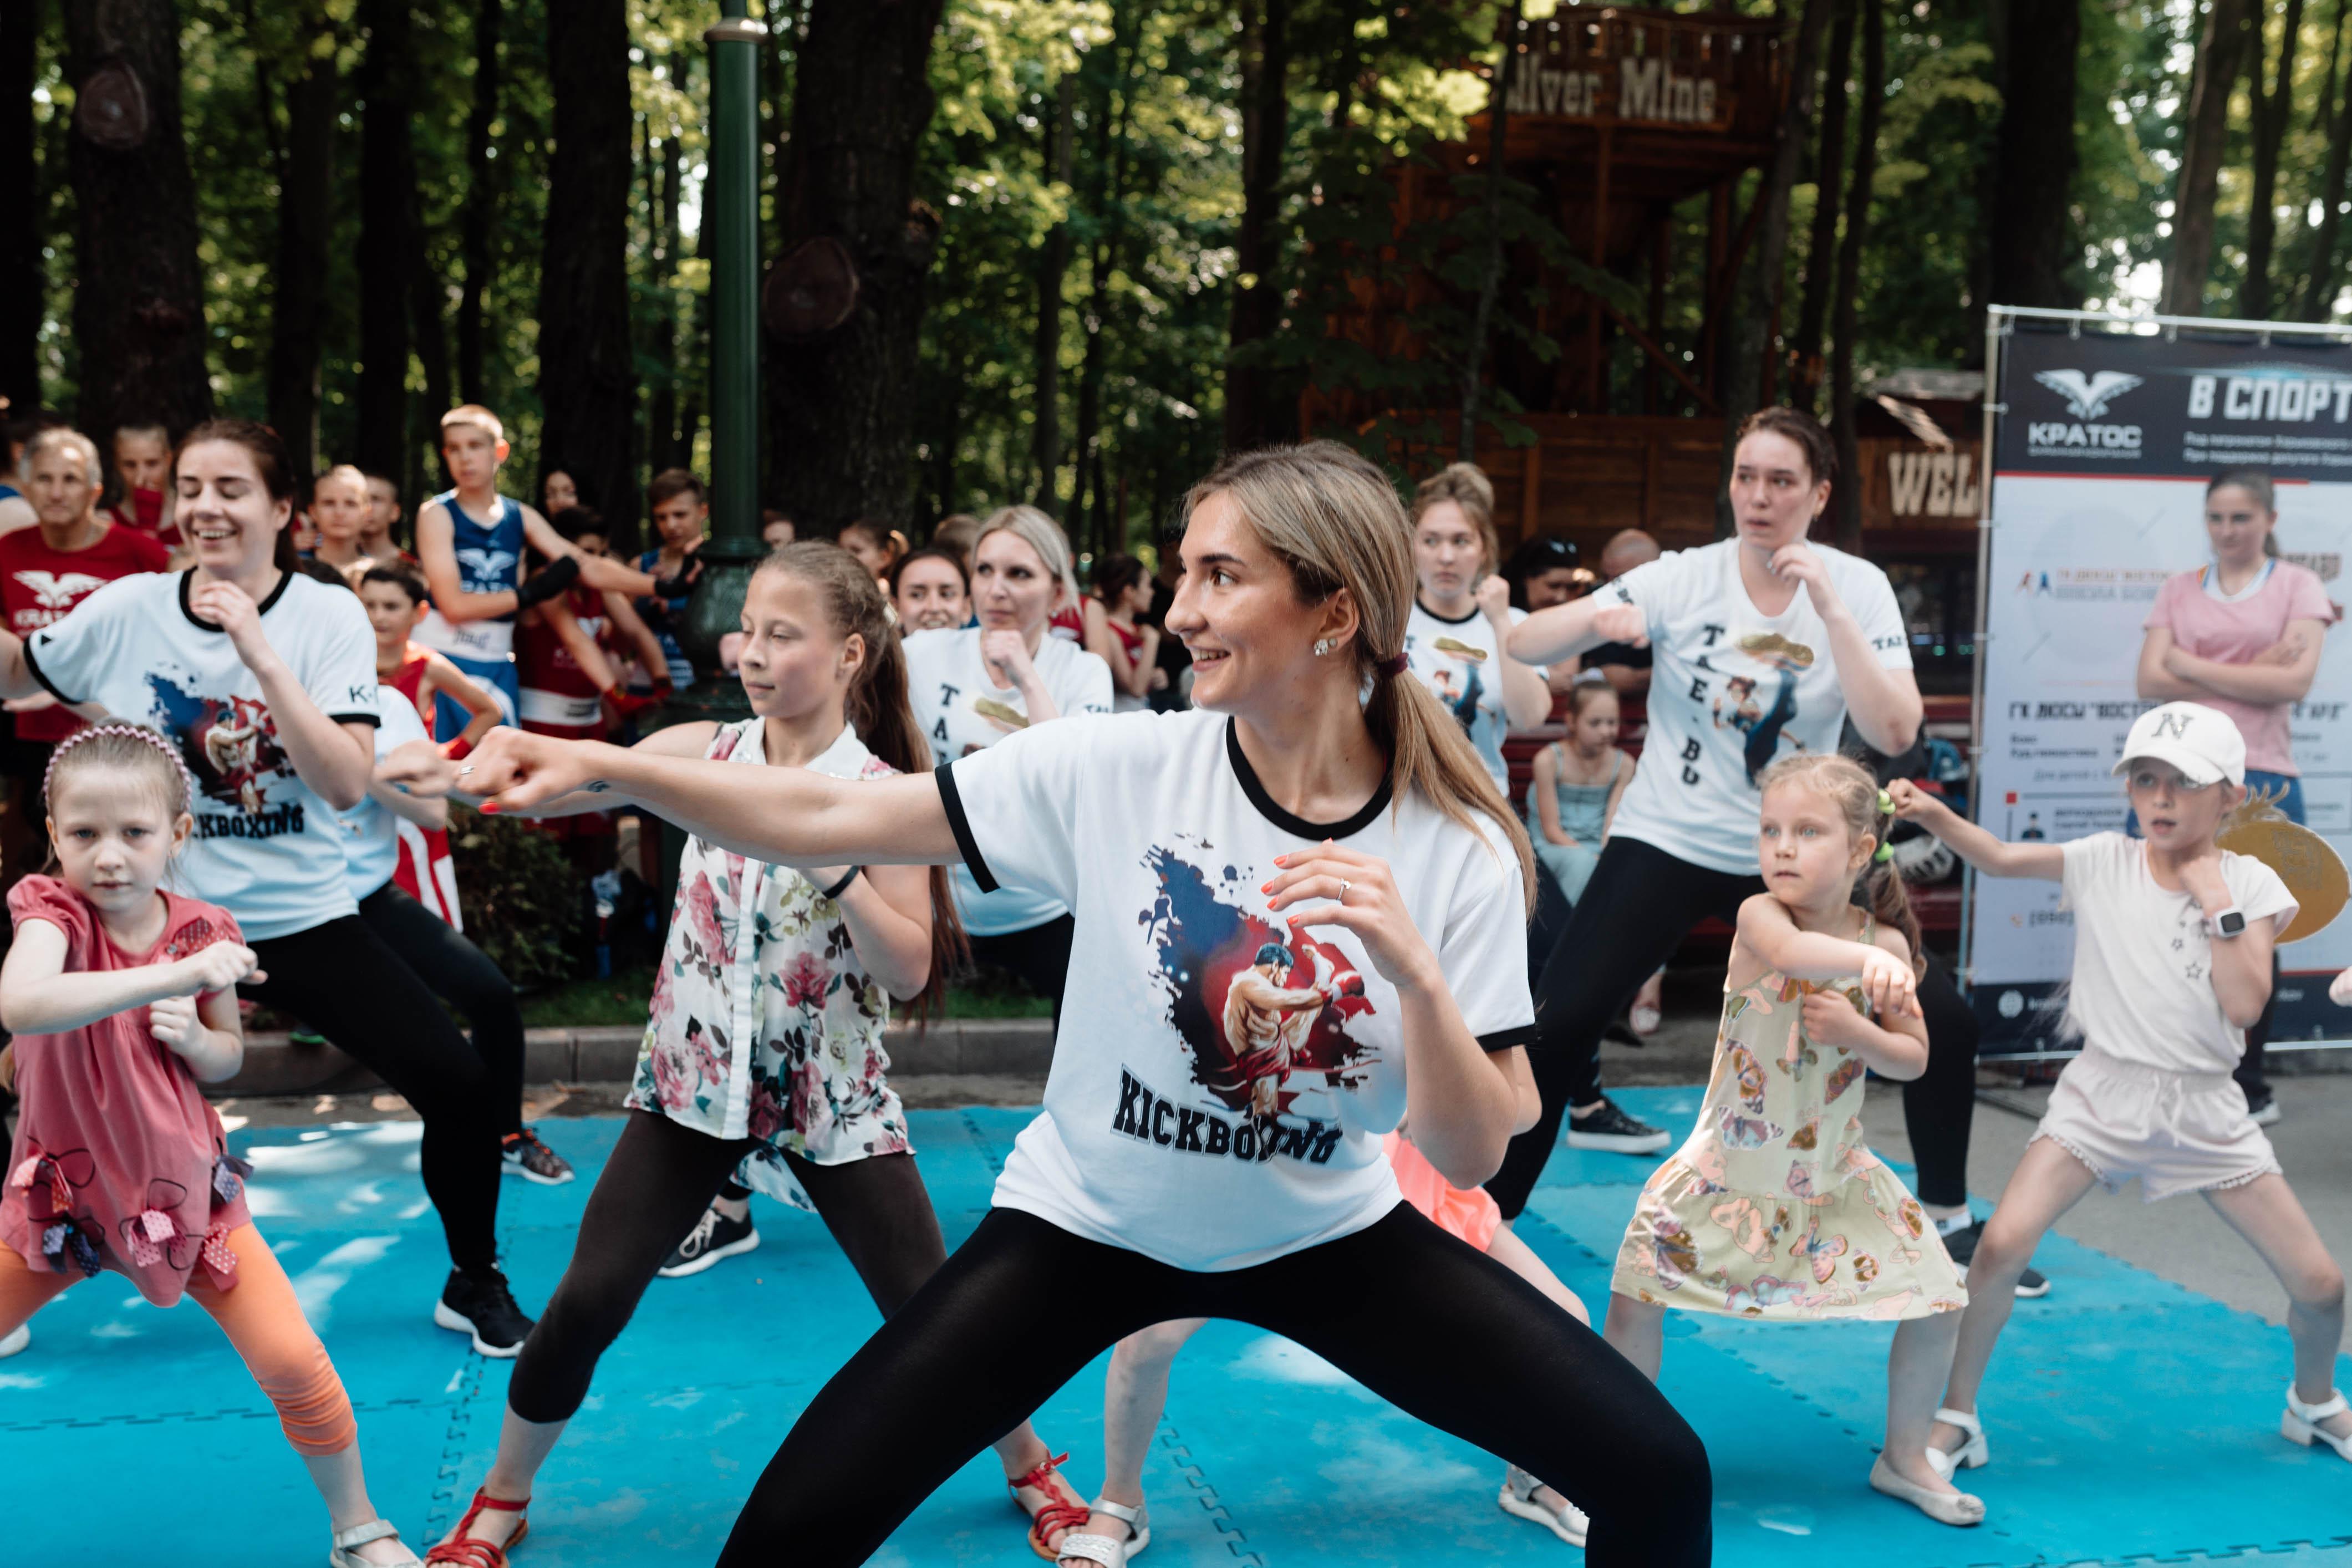 kharkiv-podiya-2019-5 У Харкові на День захисту дітей презентували кікбоксинг WAKOkharkiv podiya 2019 5 -